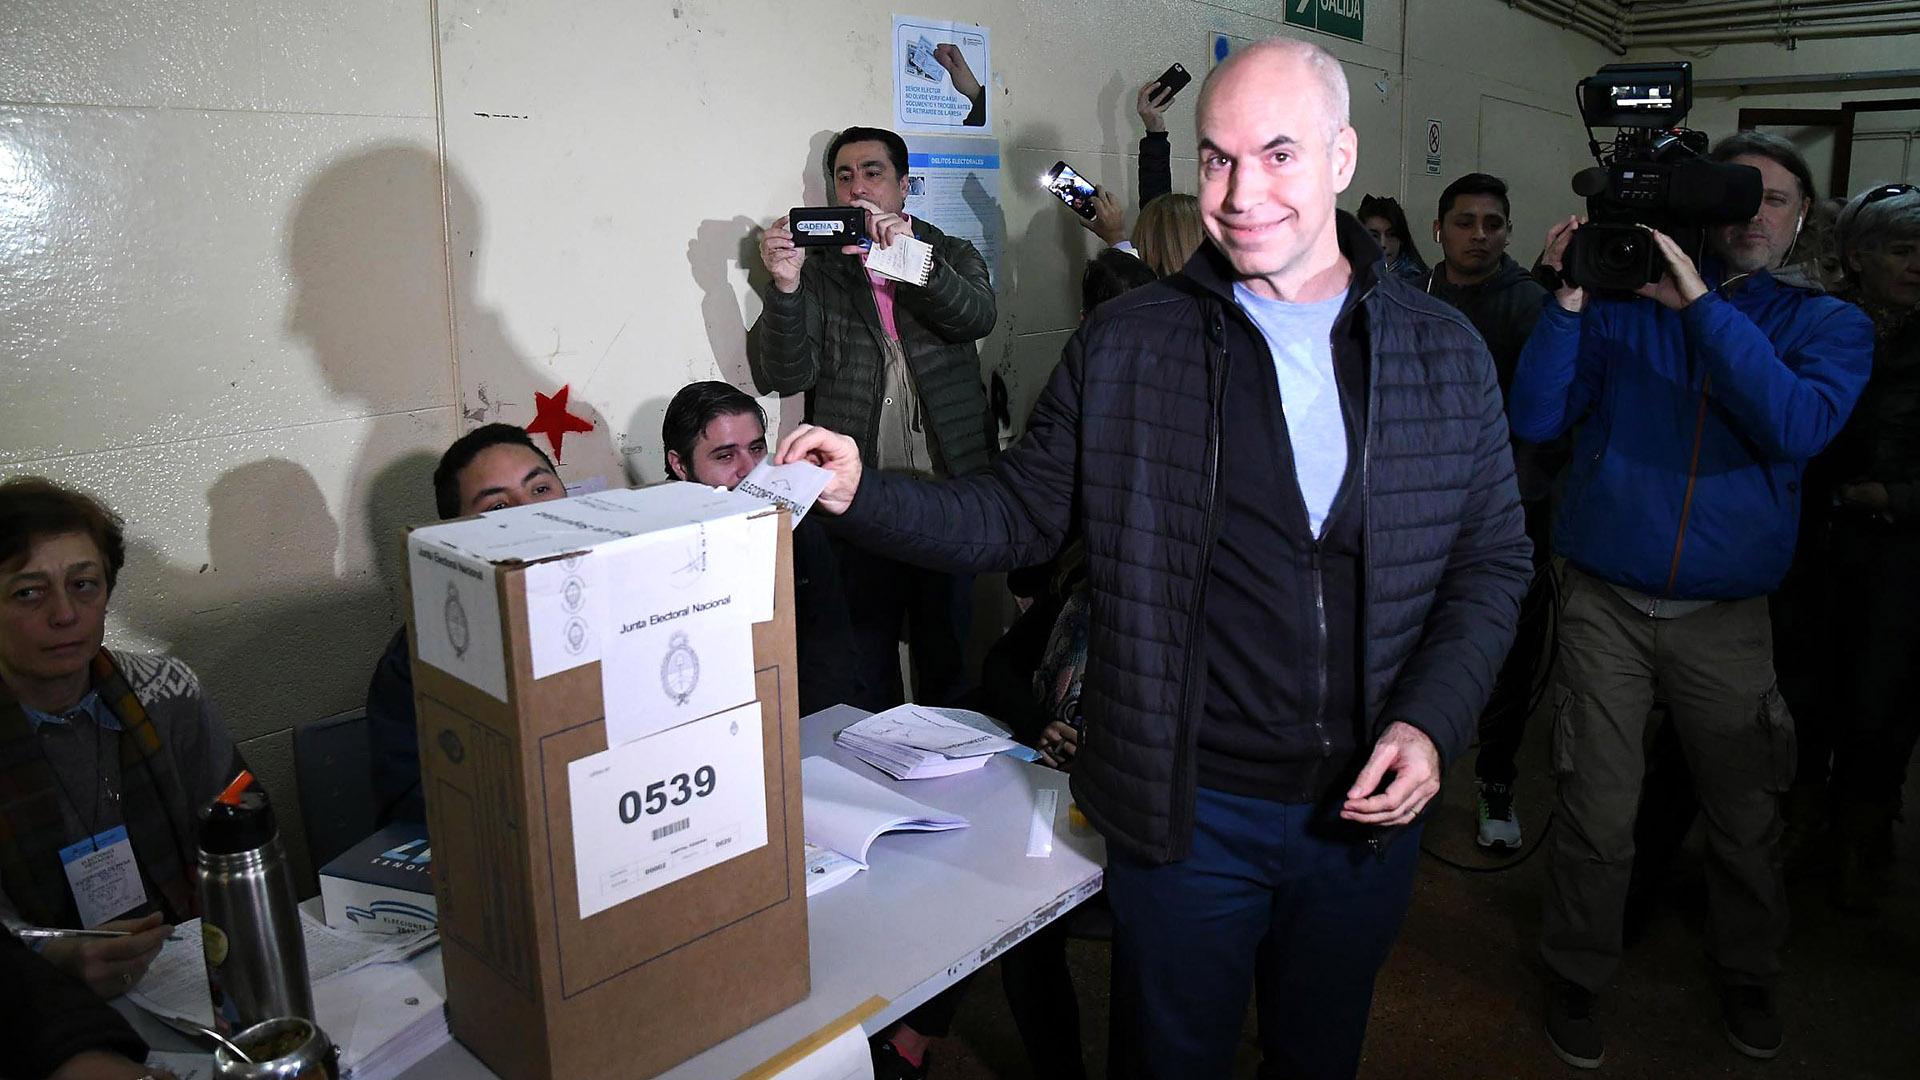 Larreta emitió su voto temprano con una estética deportiva casual (Télam)